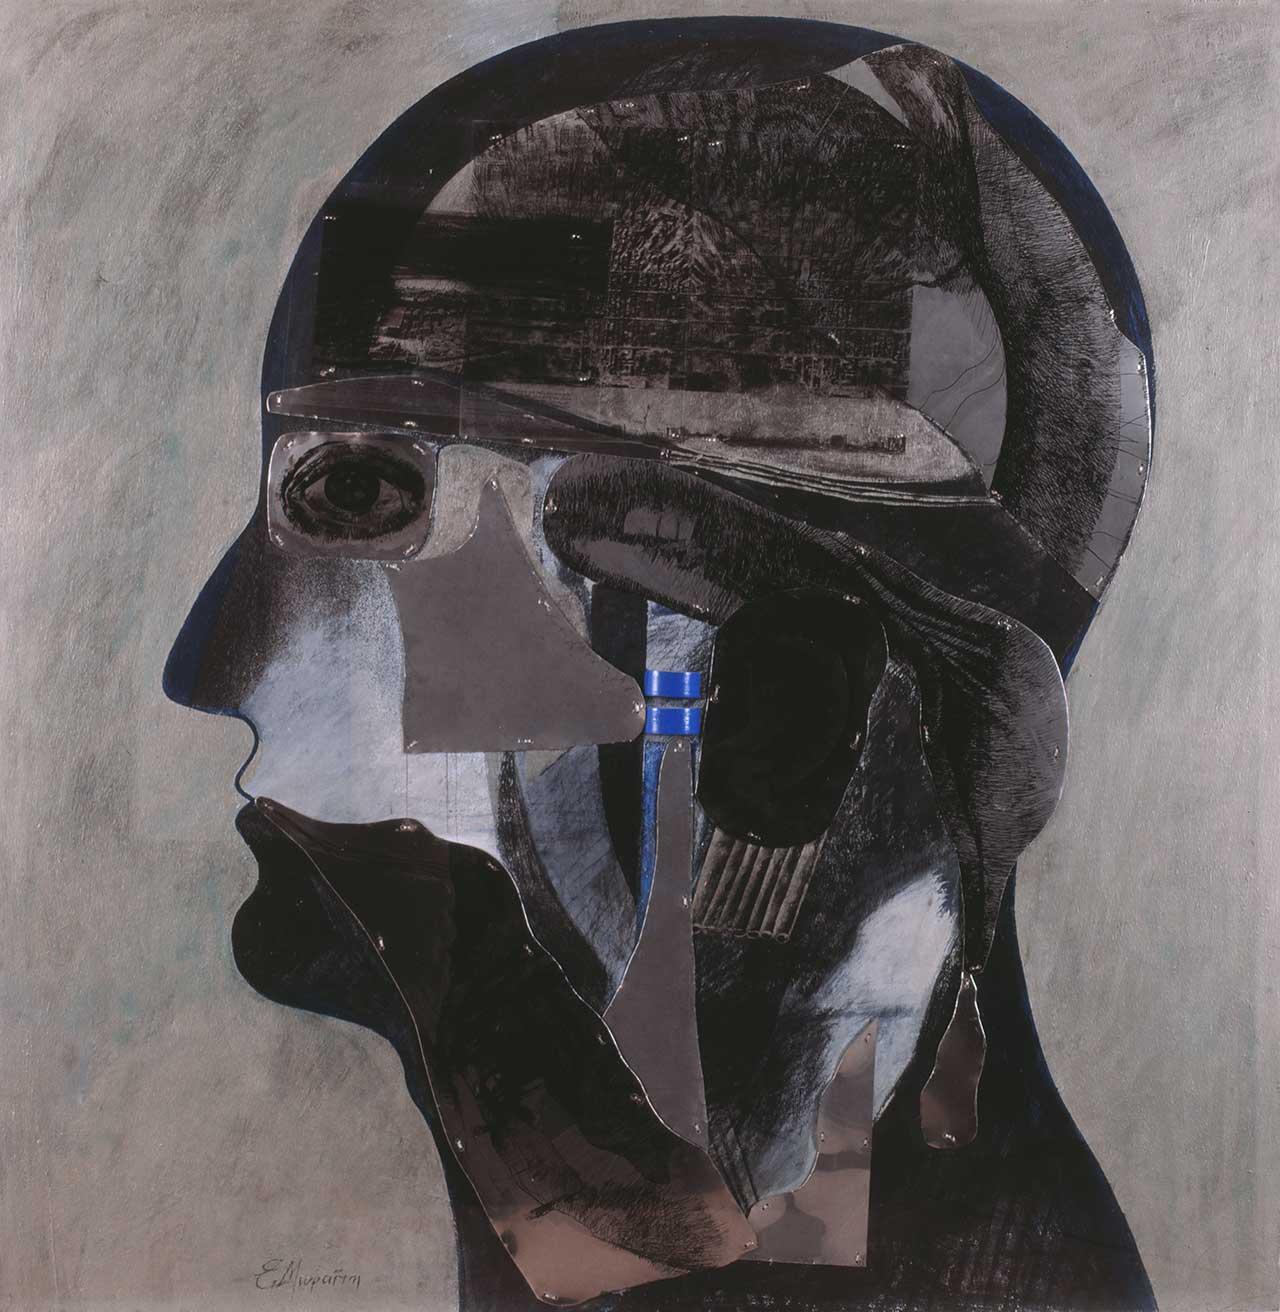 Κεφαλή, 1996, μικτή τεχνική, 124x120 εκ.